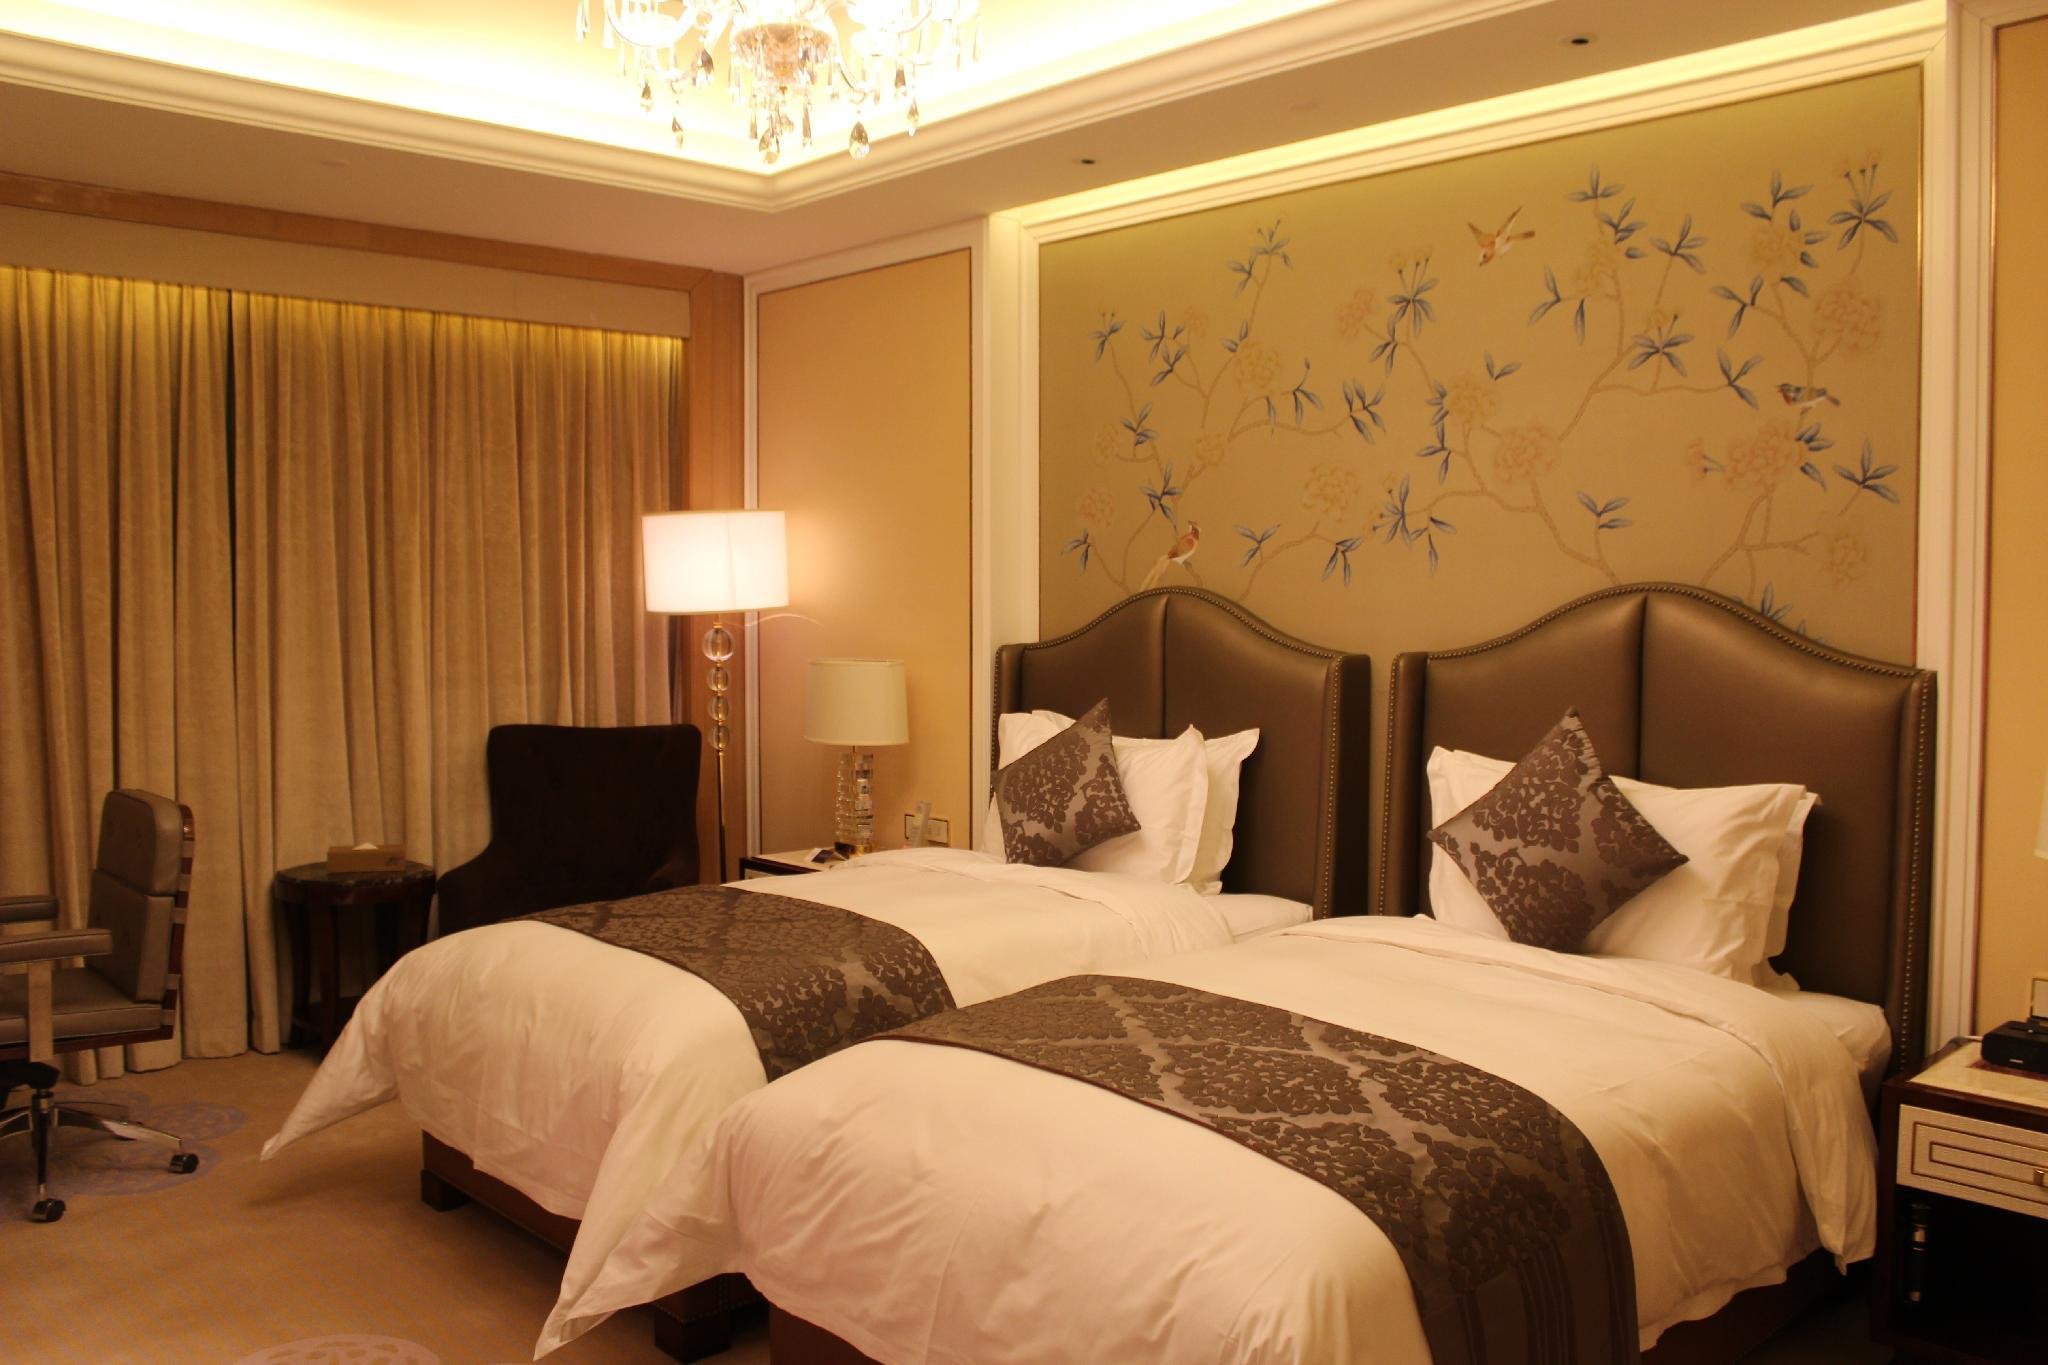 Suqian Hengli International Hotel, Suqian